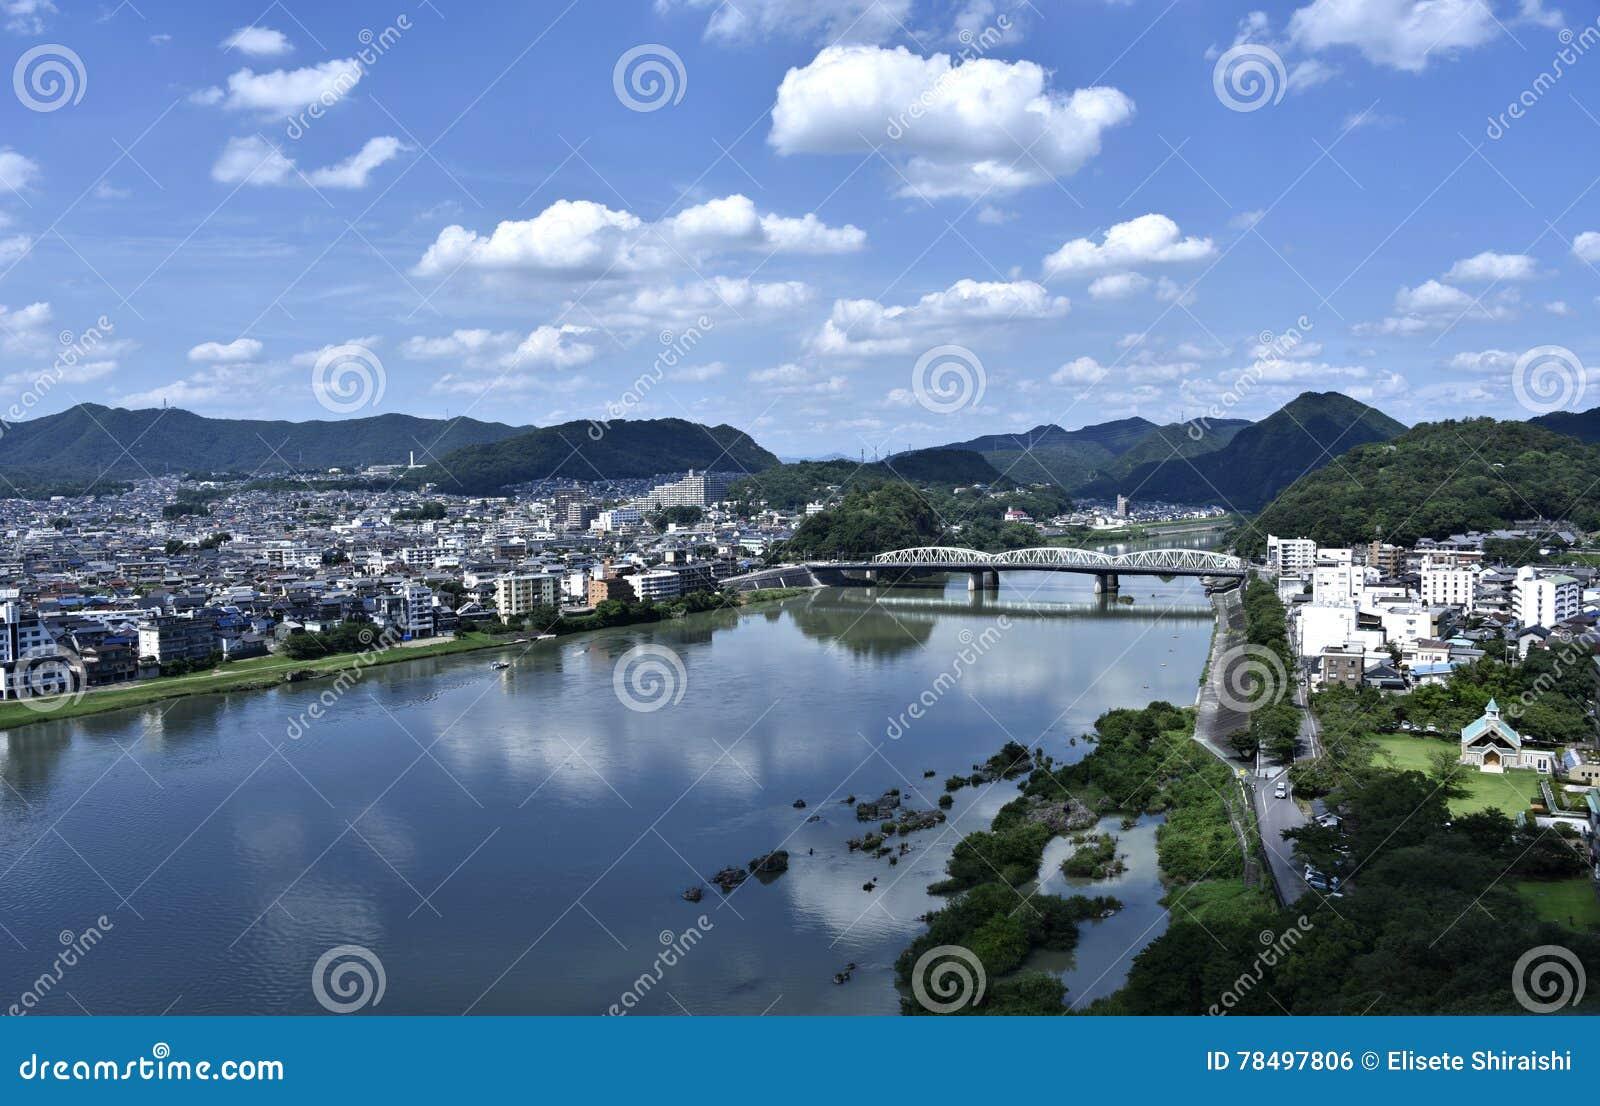 Inuyama-Shi